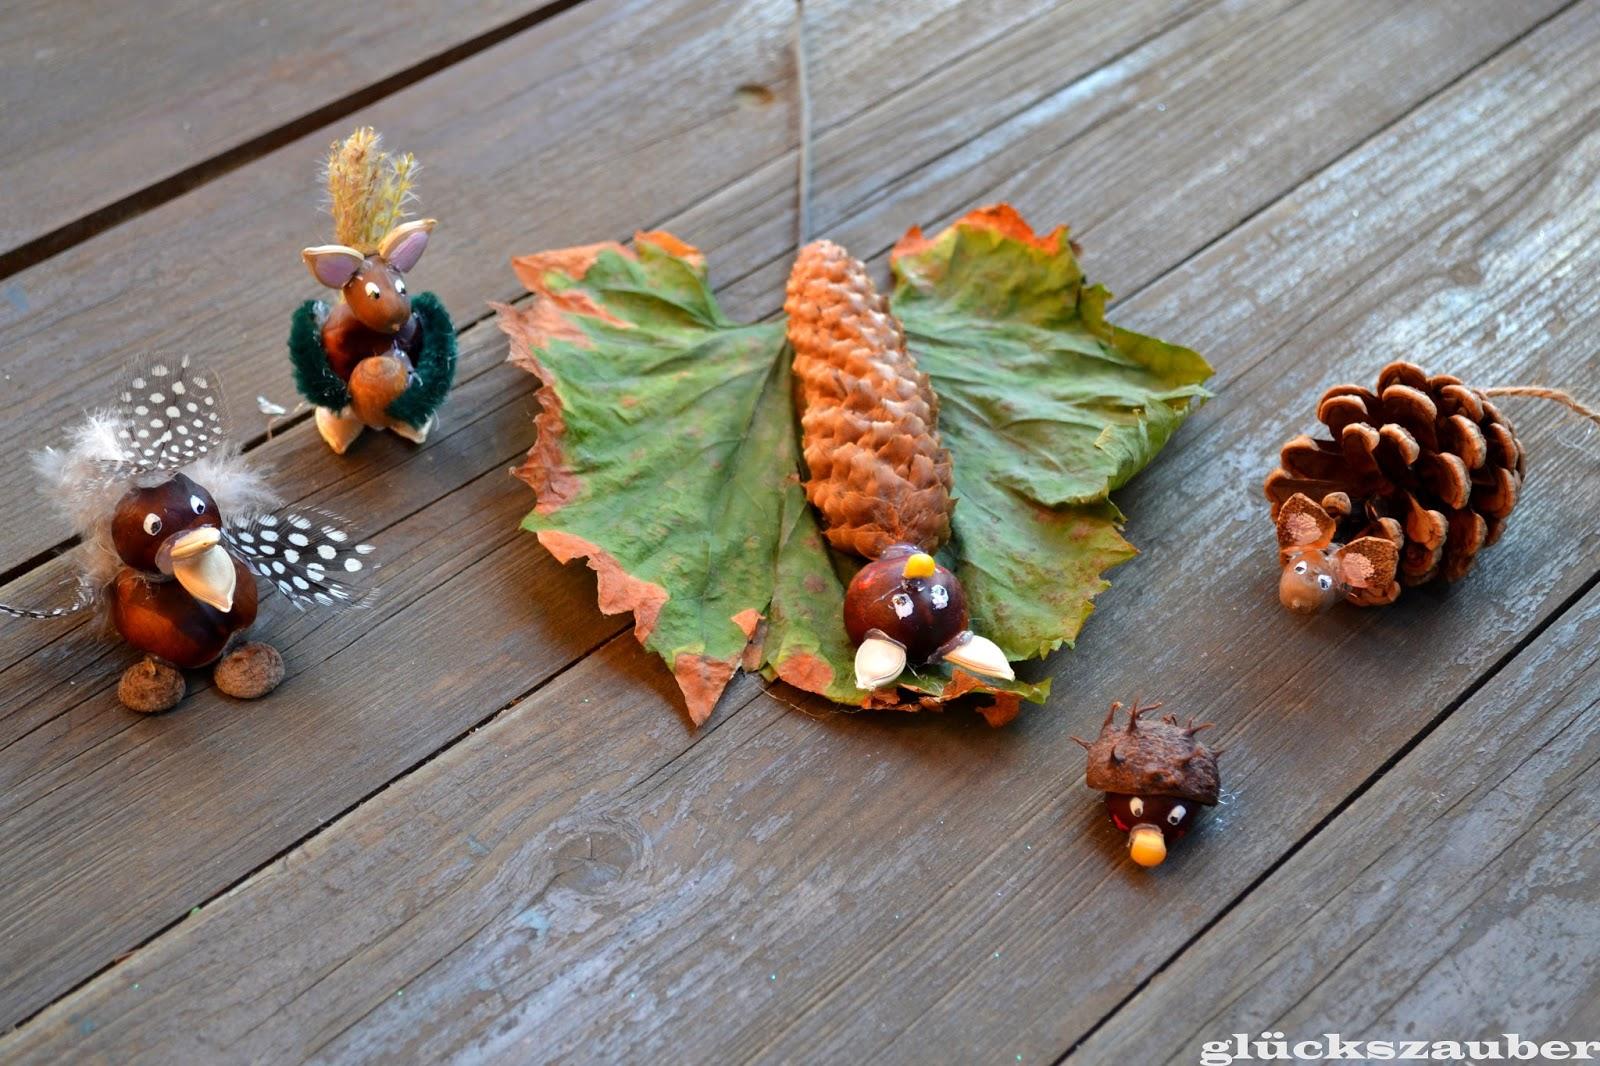 Glückszauber Basteln Mit Kindern Herbstliche Tierfiguren Aus